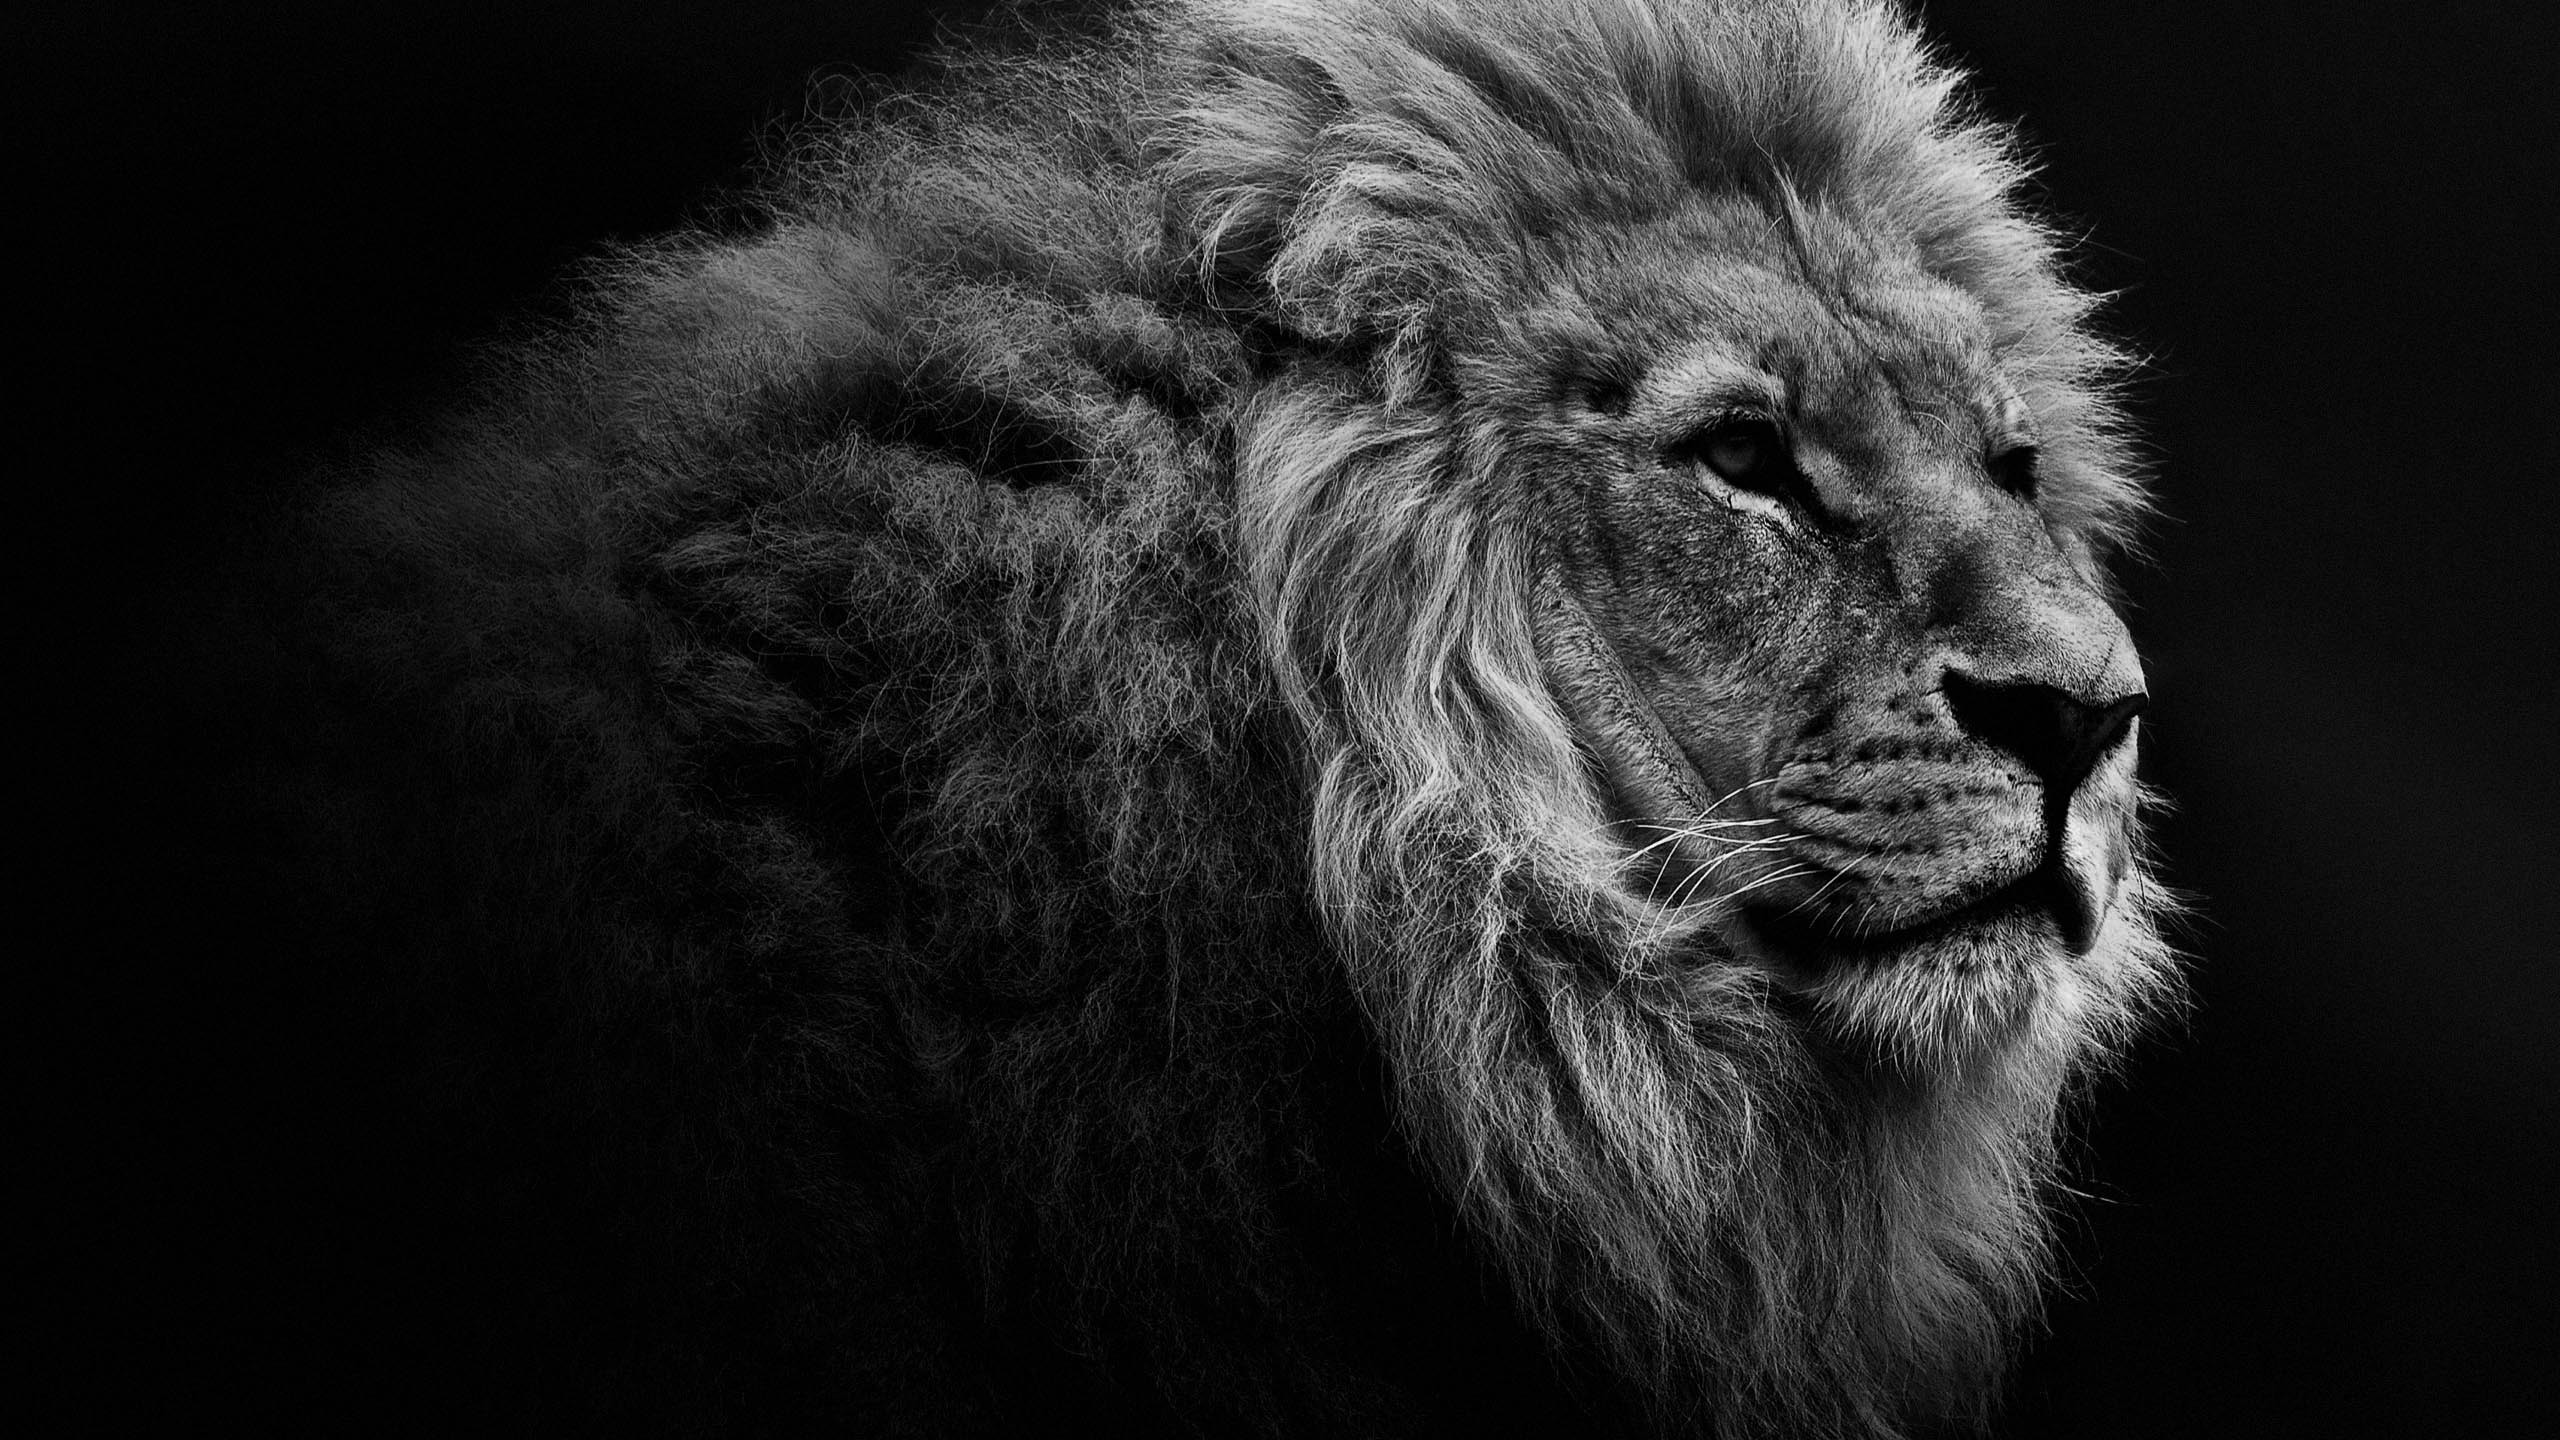 Lion Wallpaper Desktop 64 Pictures